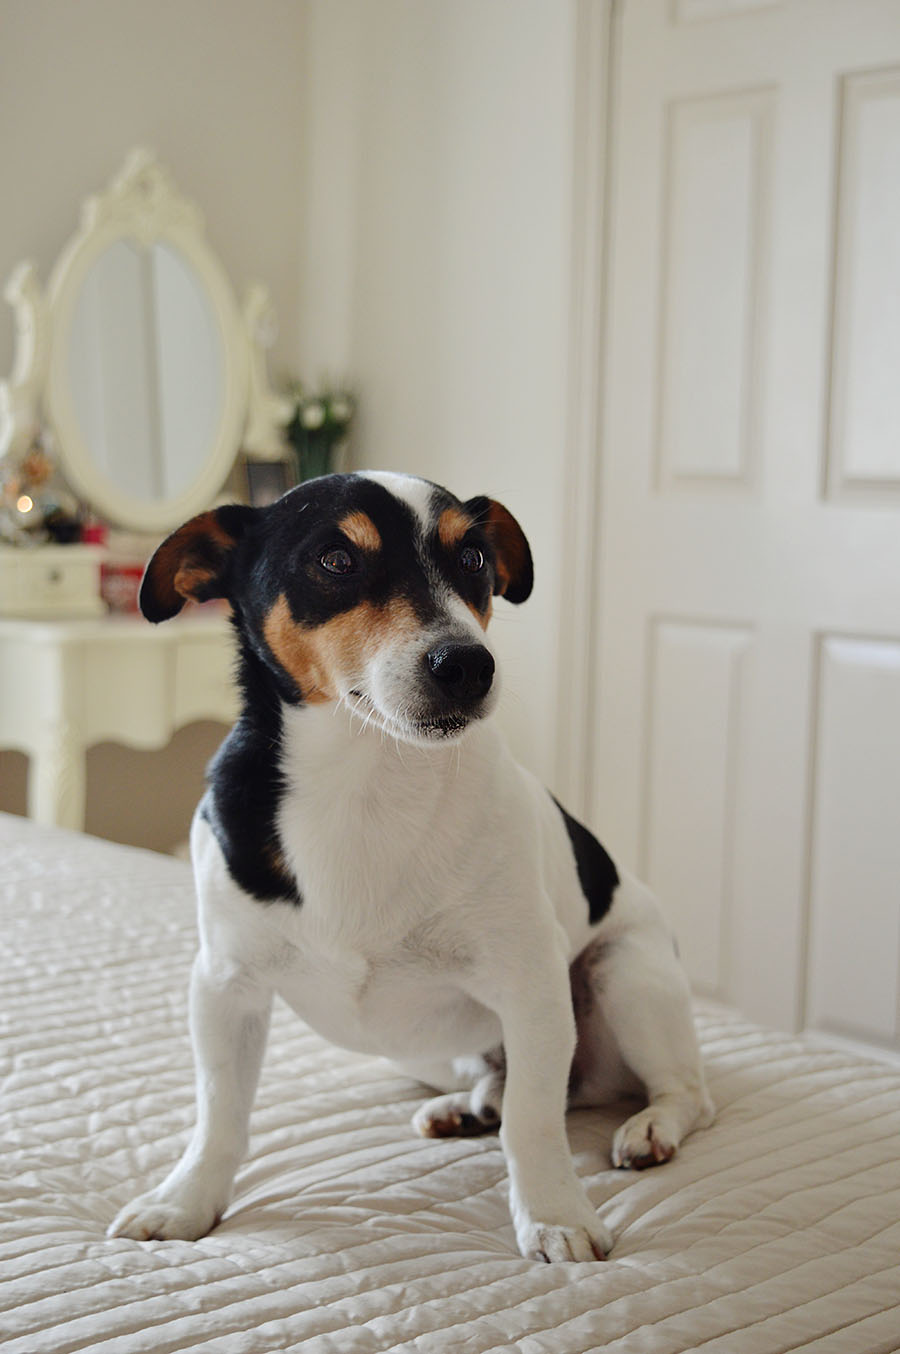 Posłanie dla psa ze szuflady DIY